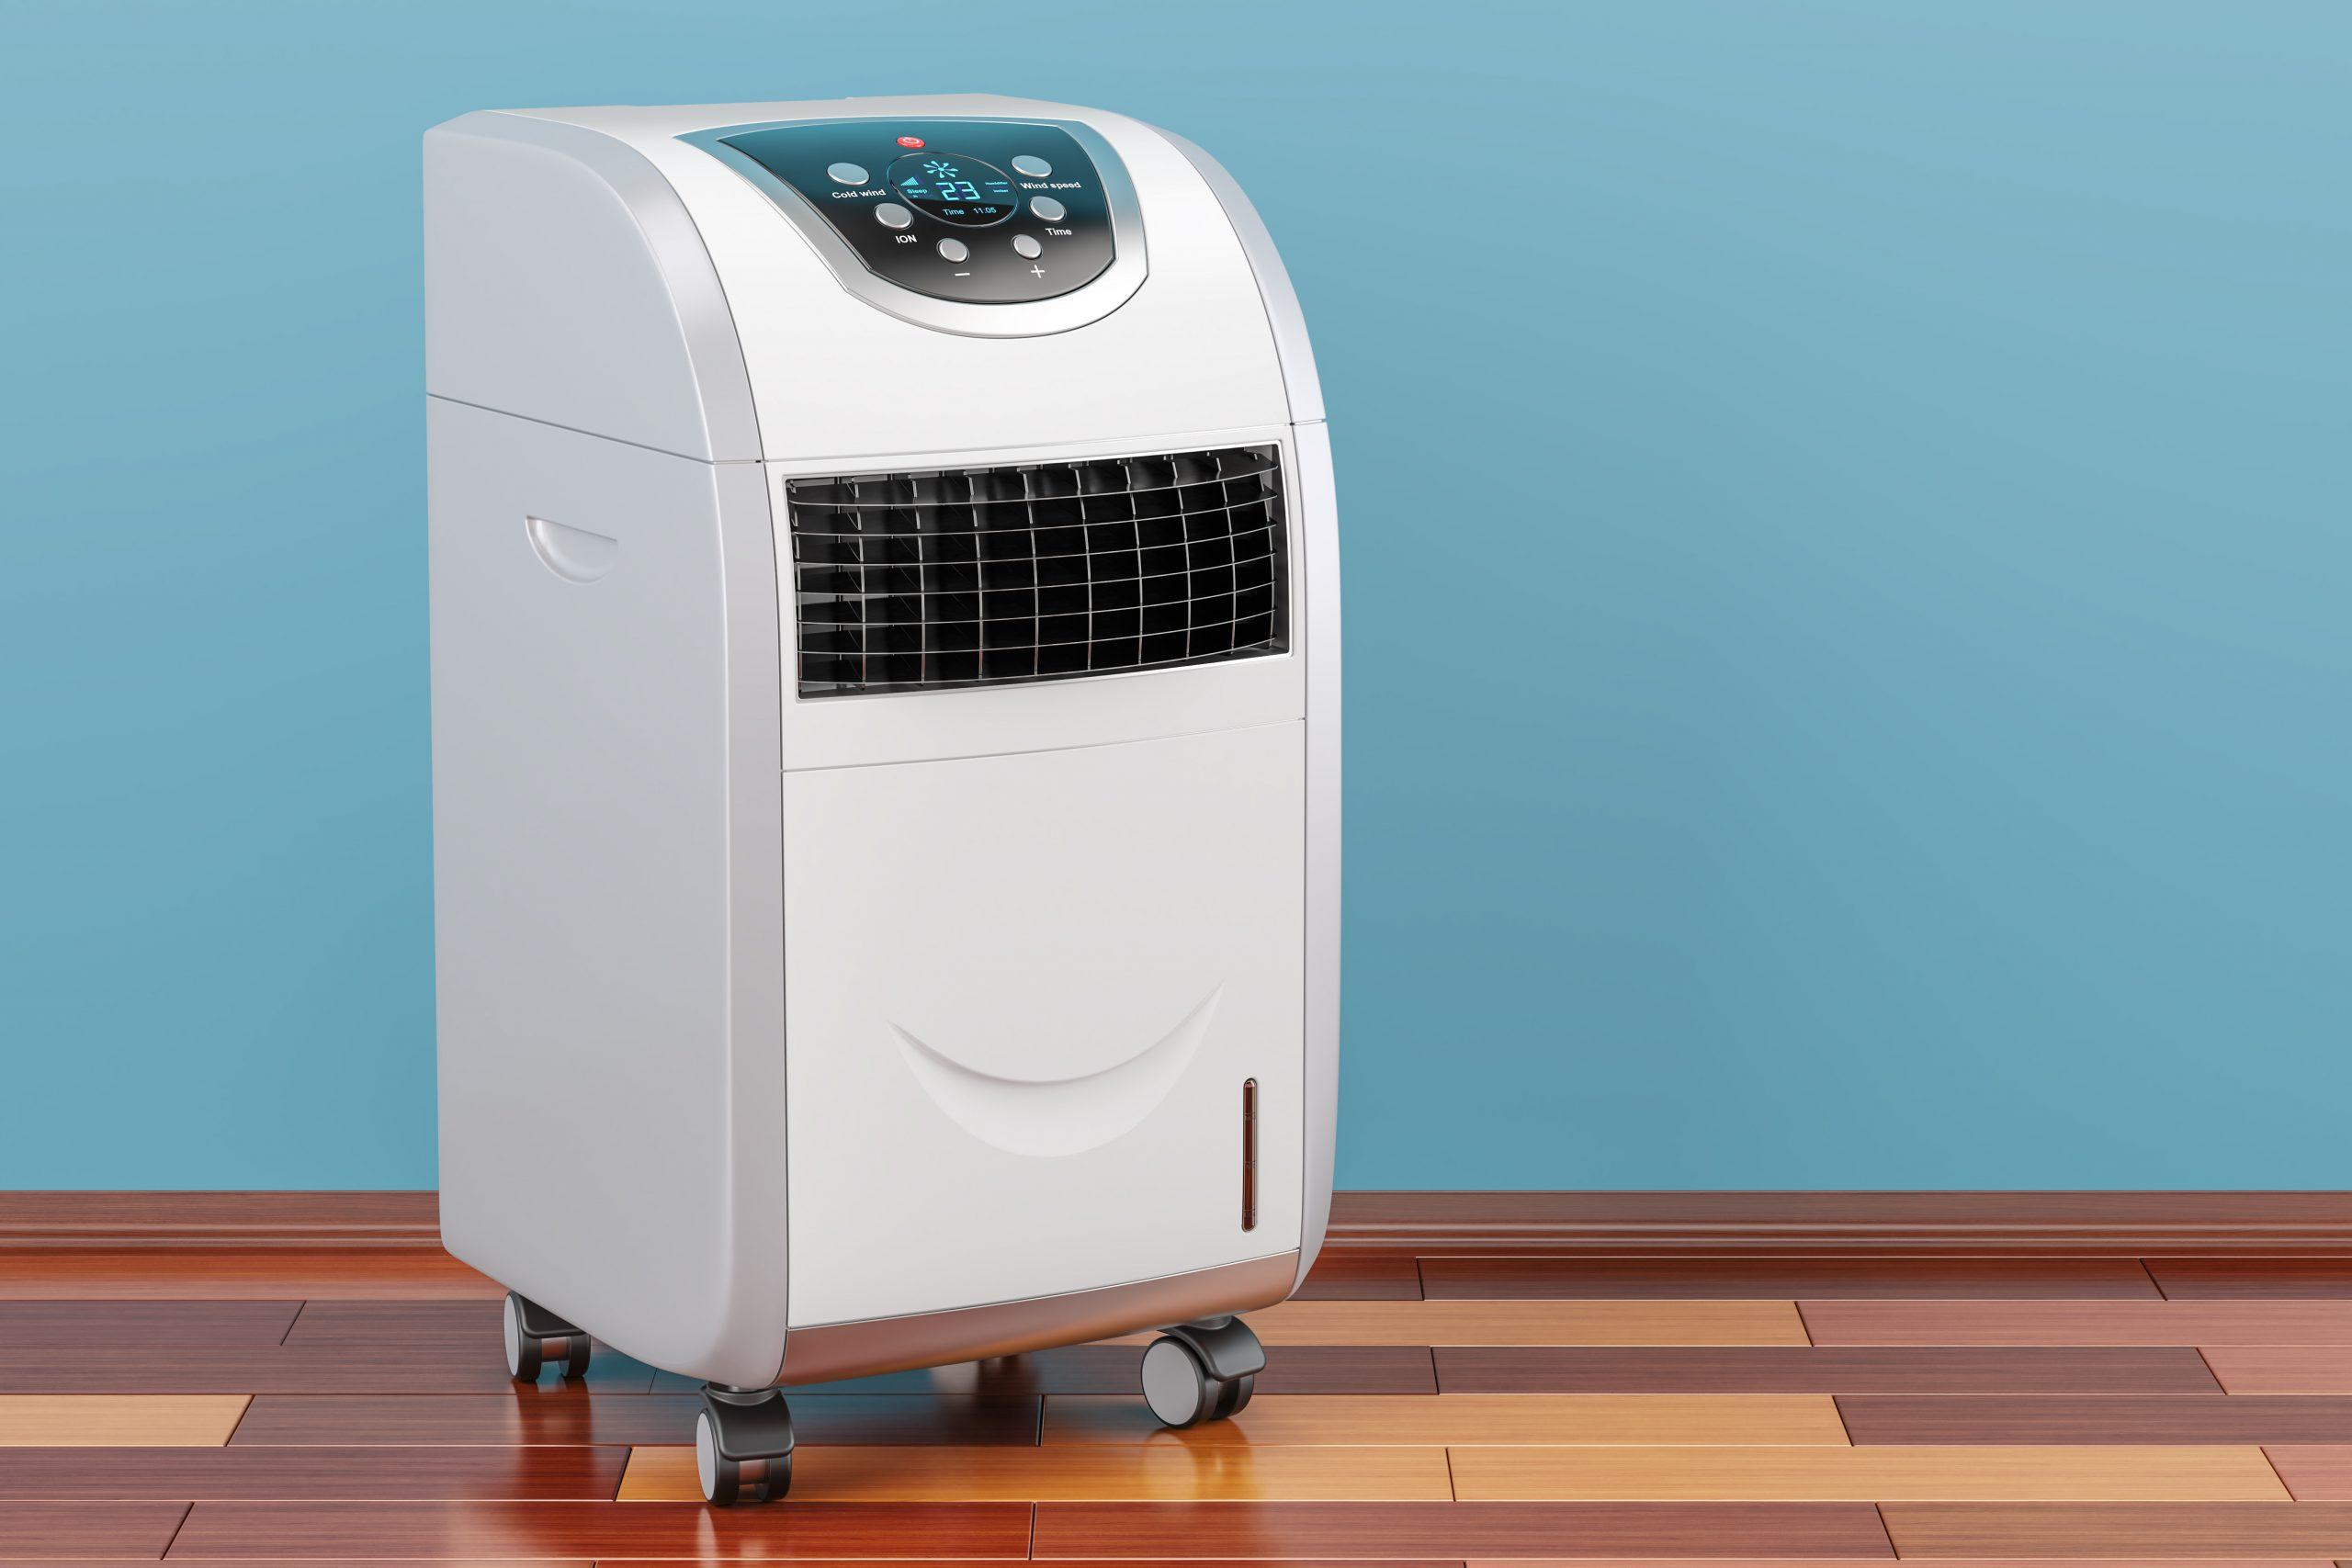 Klimaanlage fürs Schlafzimmer: Test & Empfehlungen (07/20)